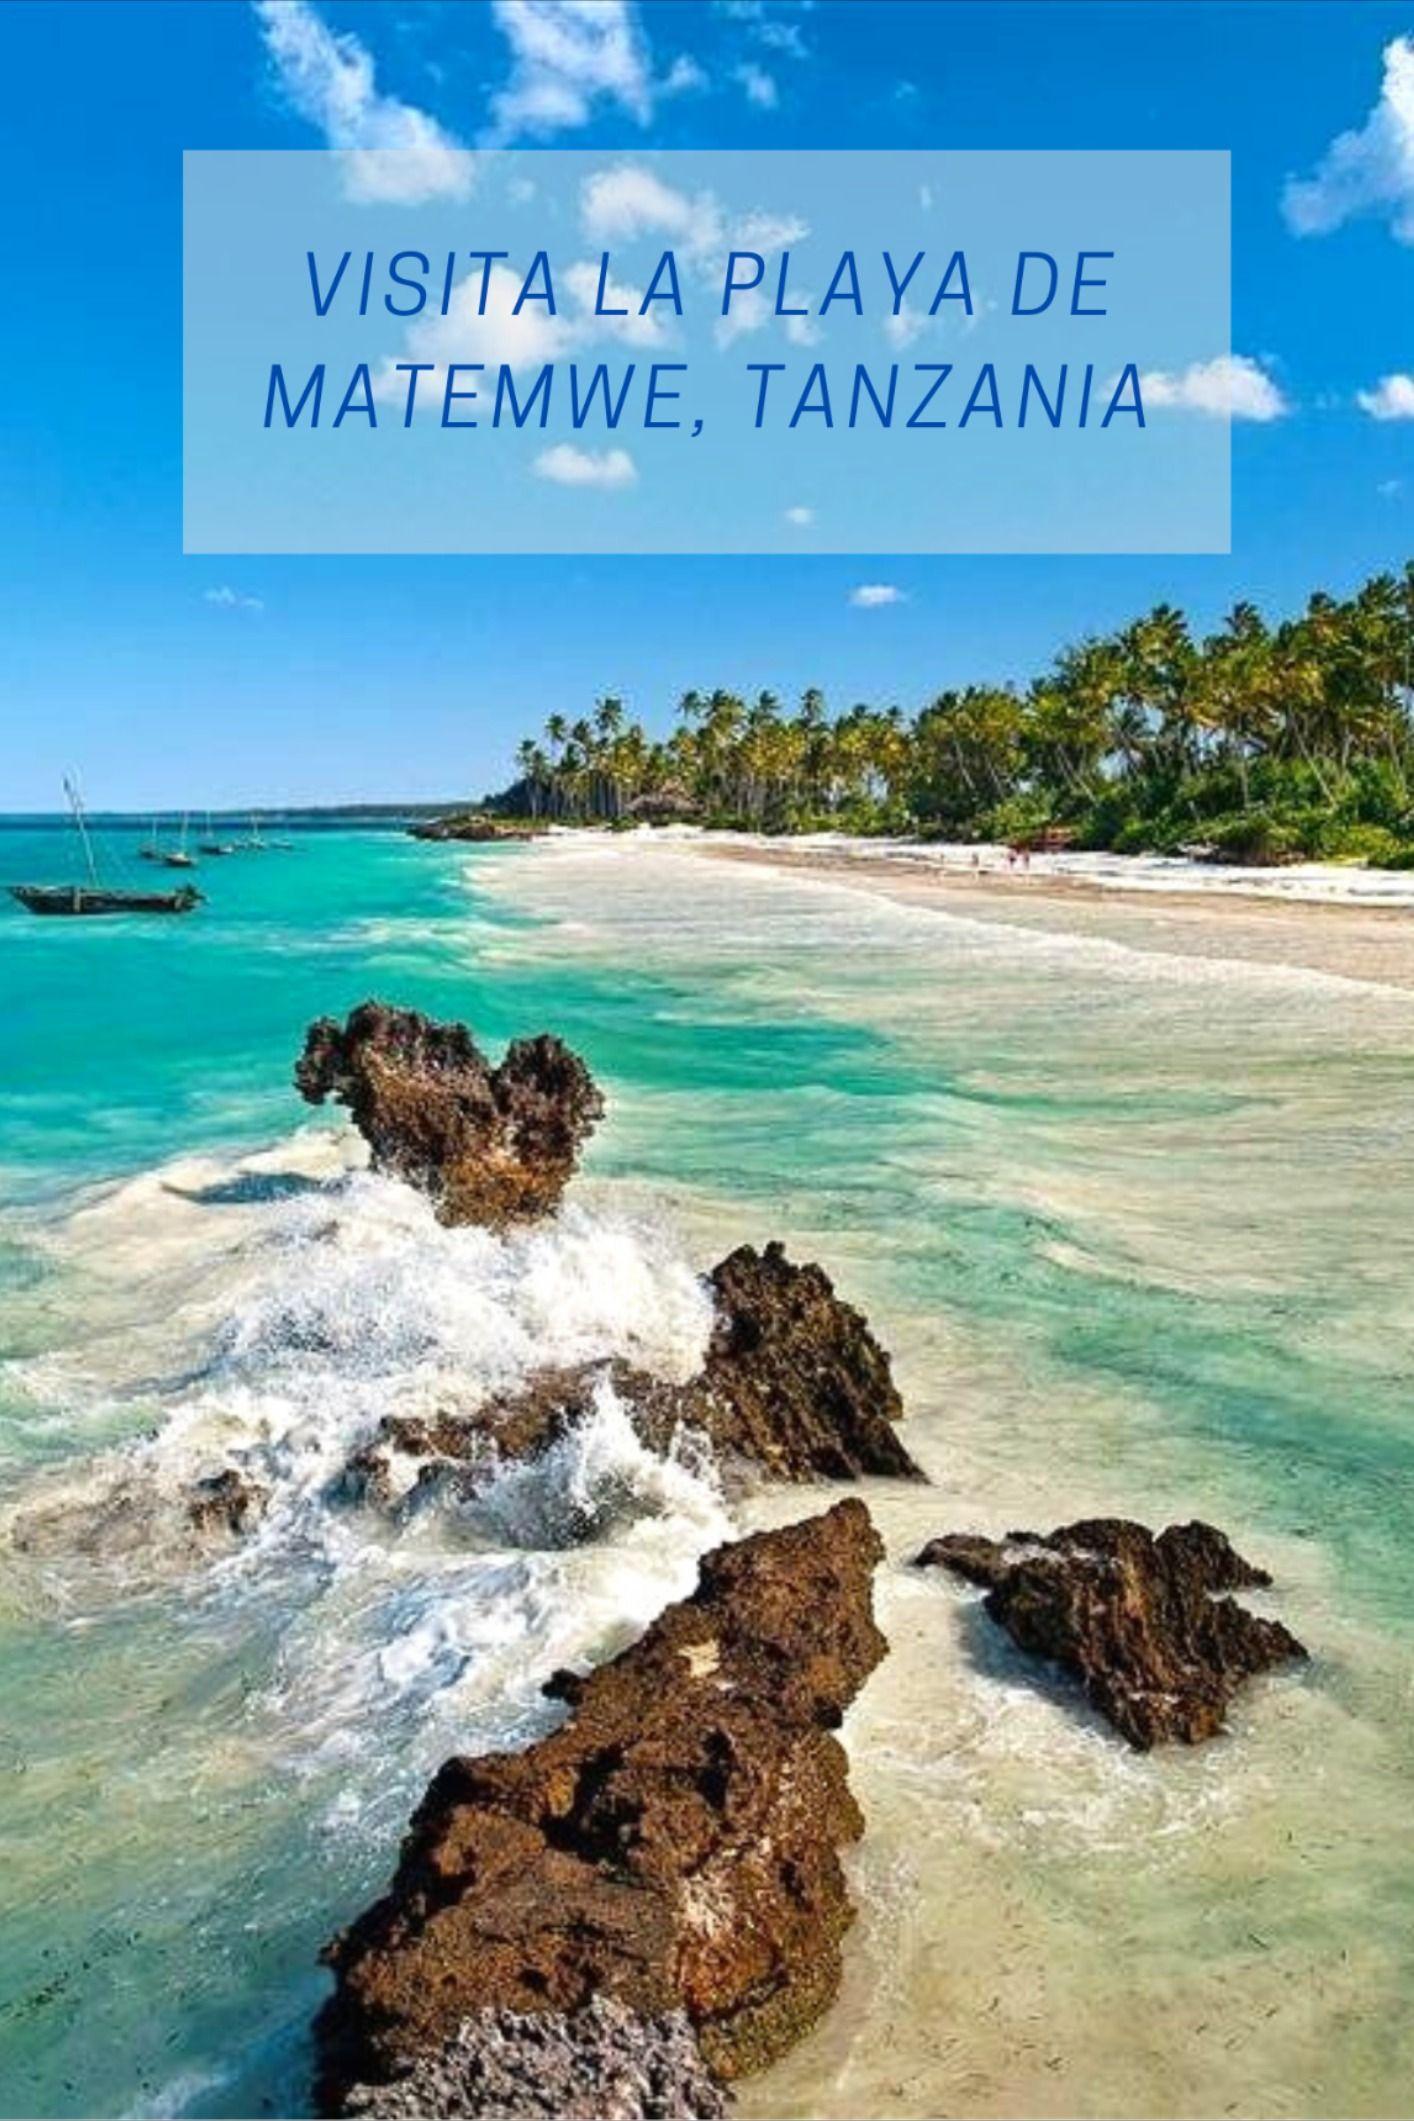 Safari Tanzania Secreta | Los Parques del Sur de Tanzania